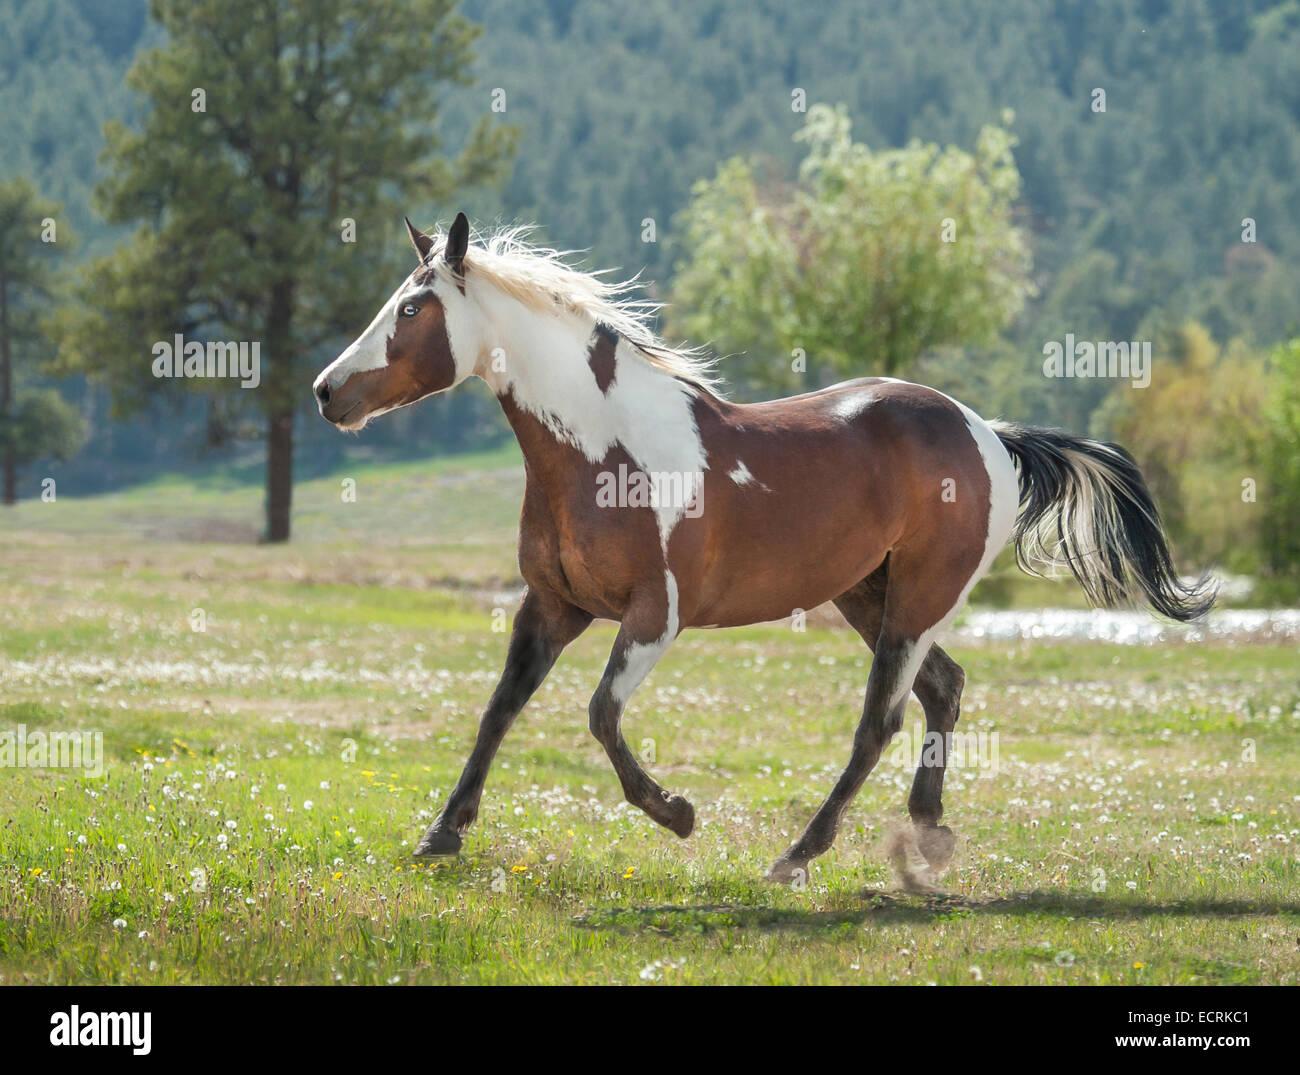 Quarter Horse appendix Paint gelding - Stock Image